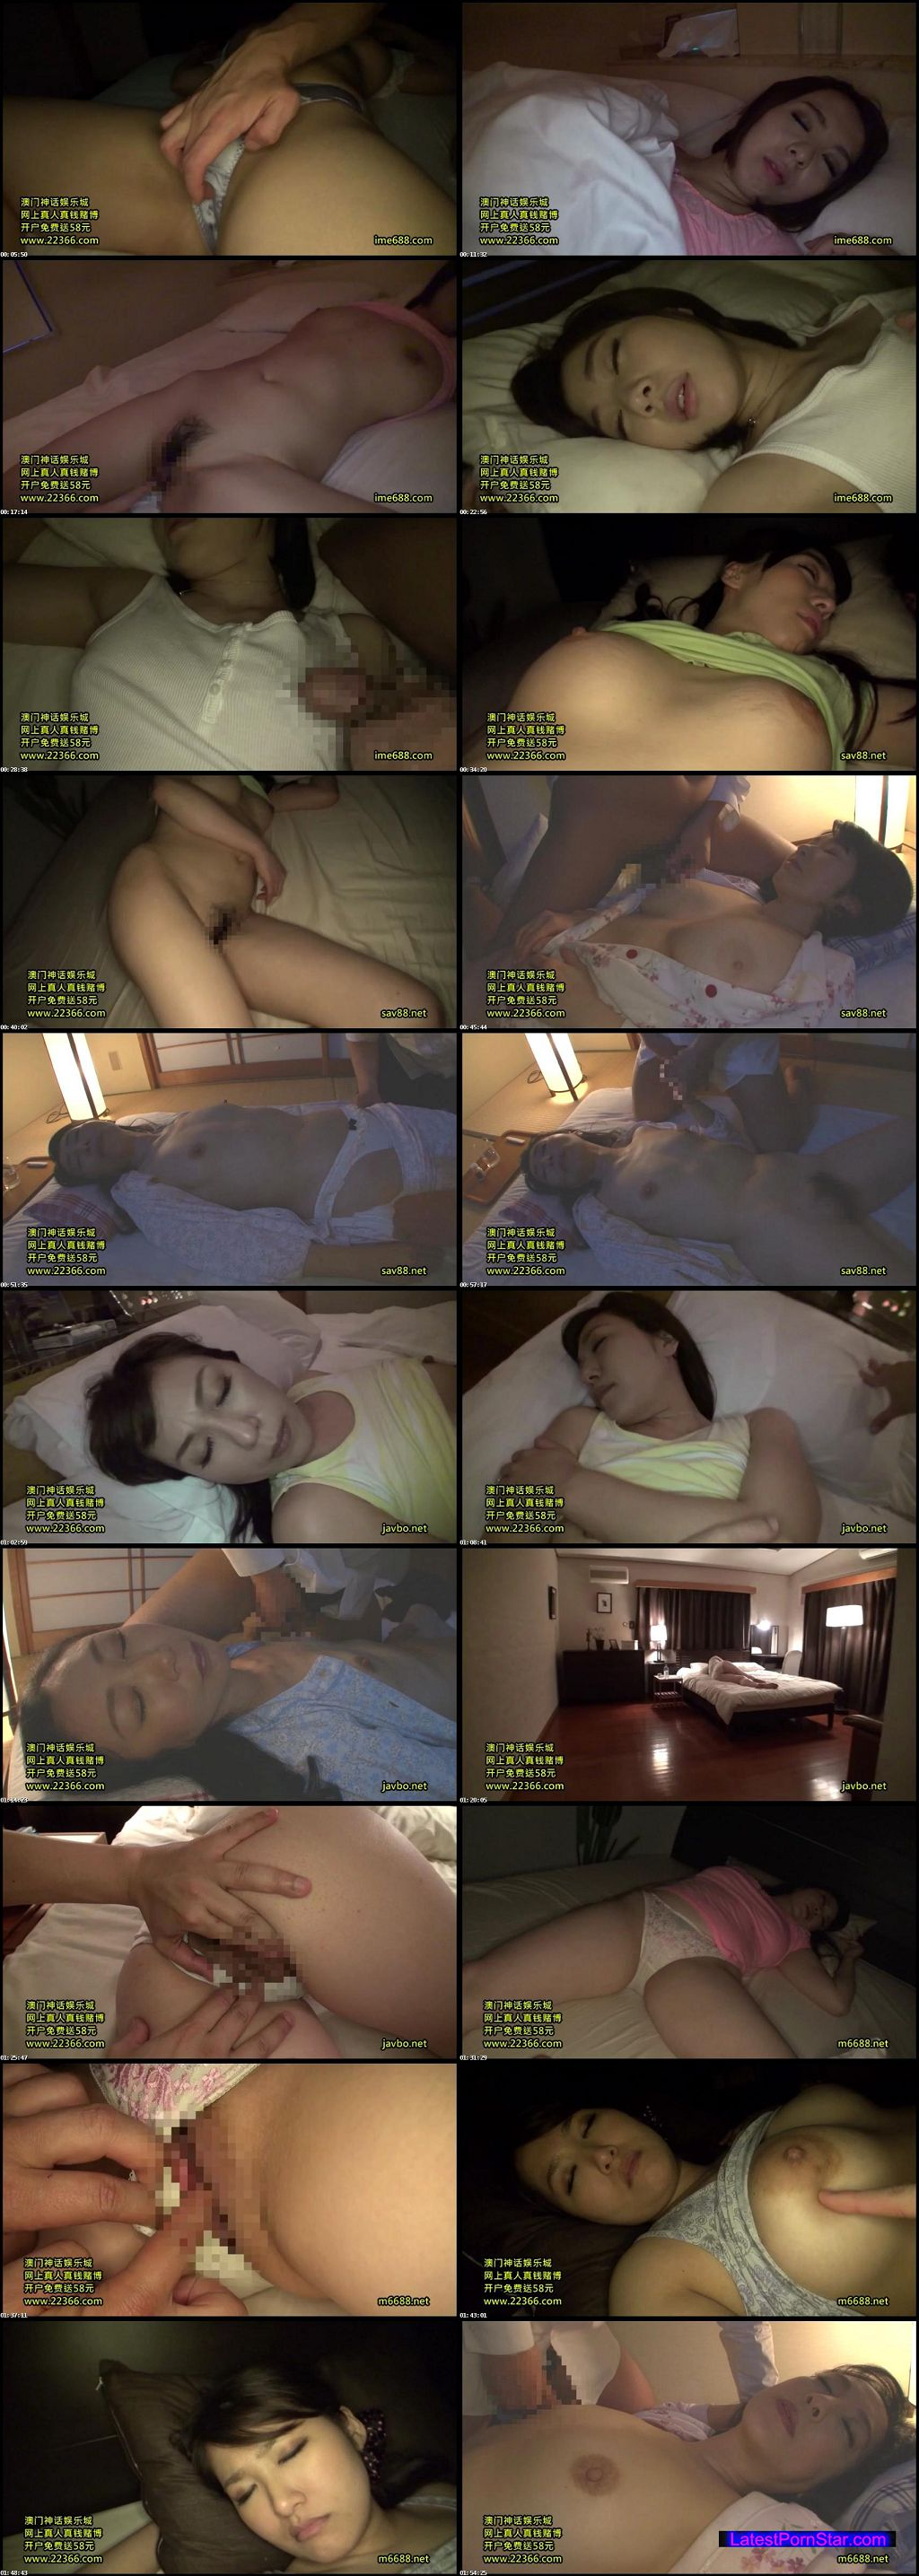 [OTKR-013] 母ちゃんが風邪薬飲んでぐっすり寝ているので夜這いしてマンコを弄くっても全く起きないのでついでに顔射してみたwww OTKR-013